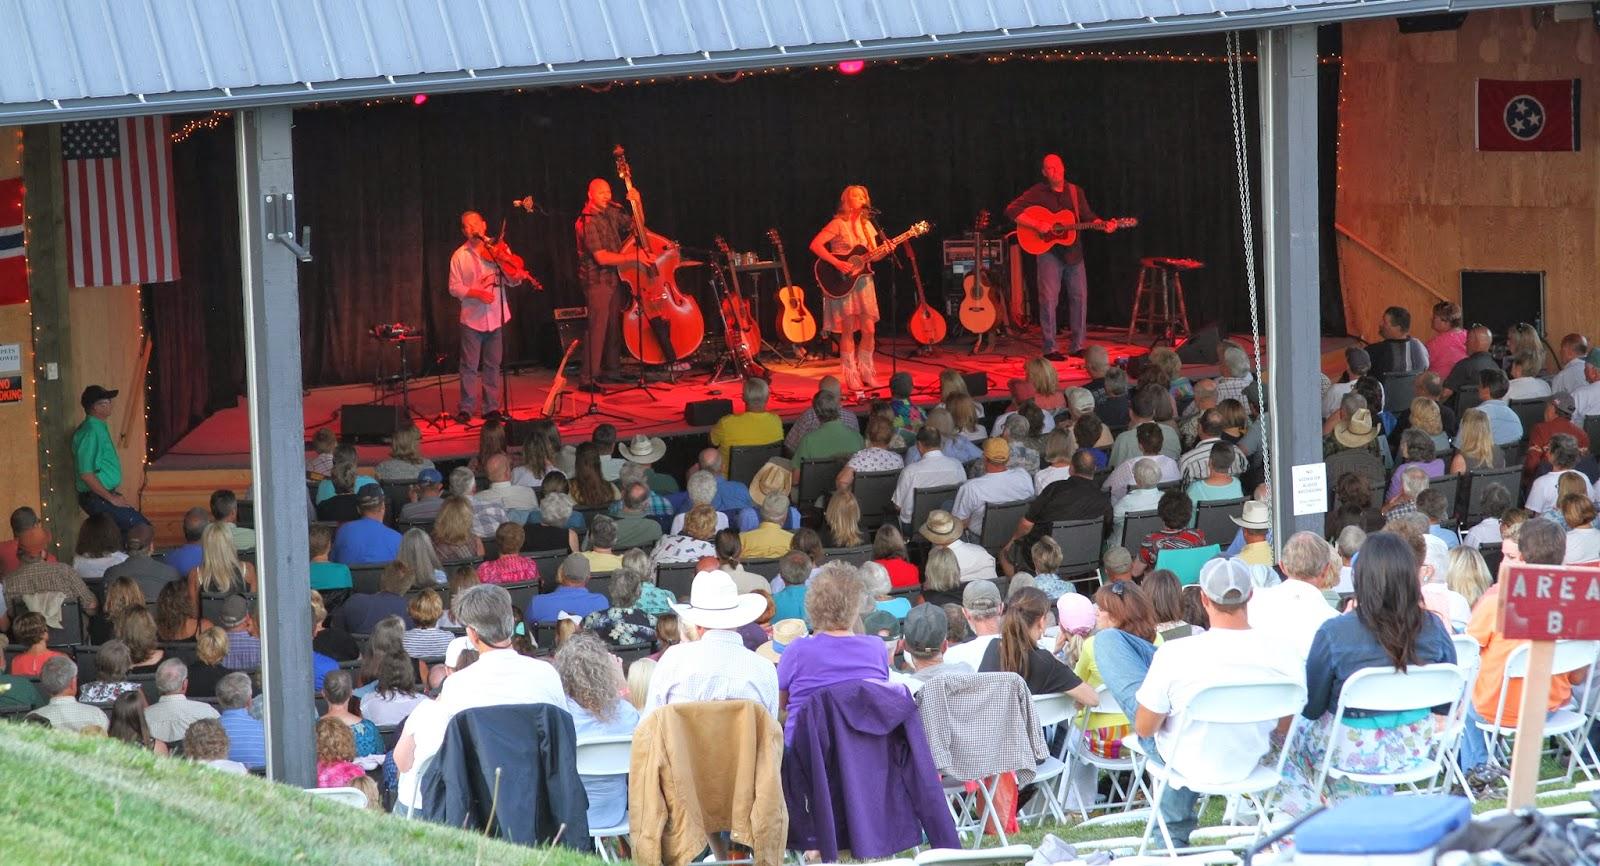 Fun Summer Events Underway at the Helena Senior Center